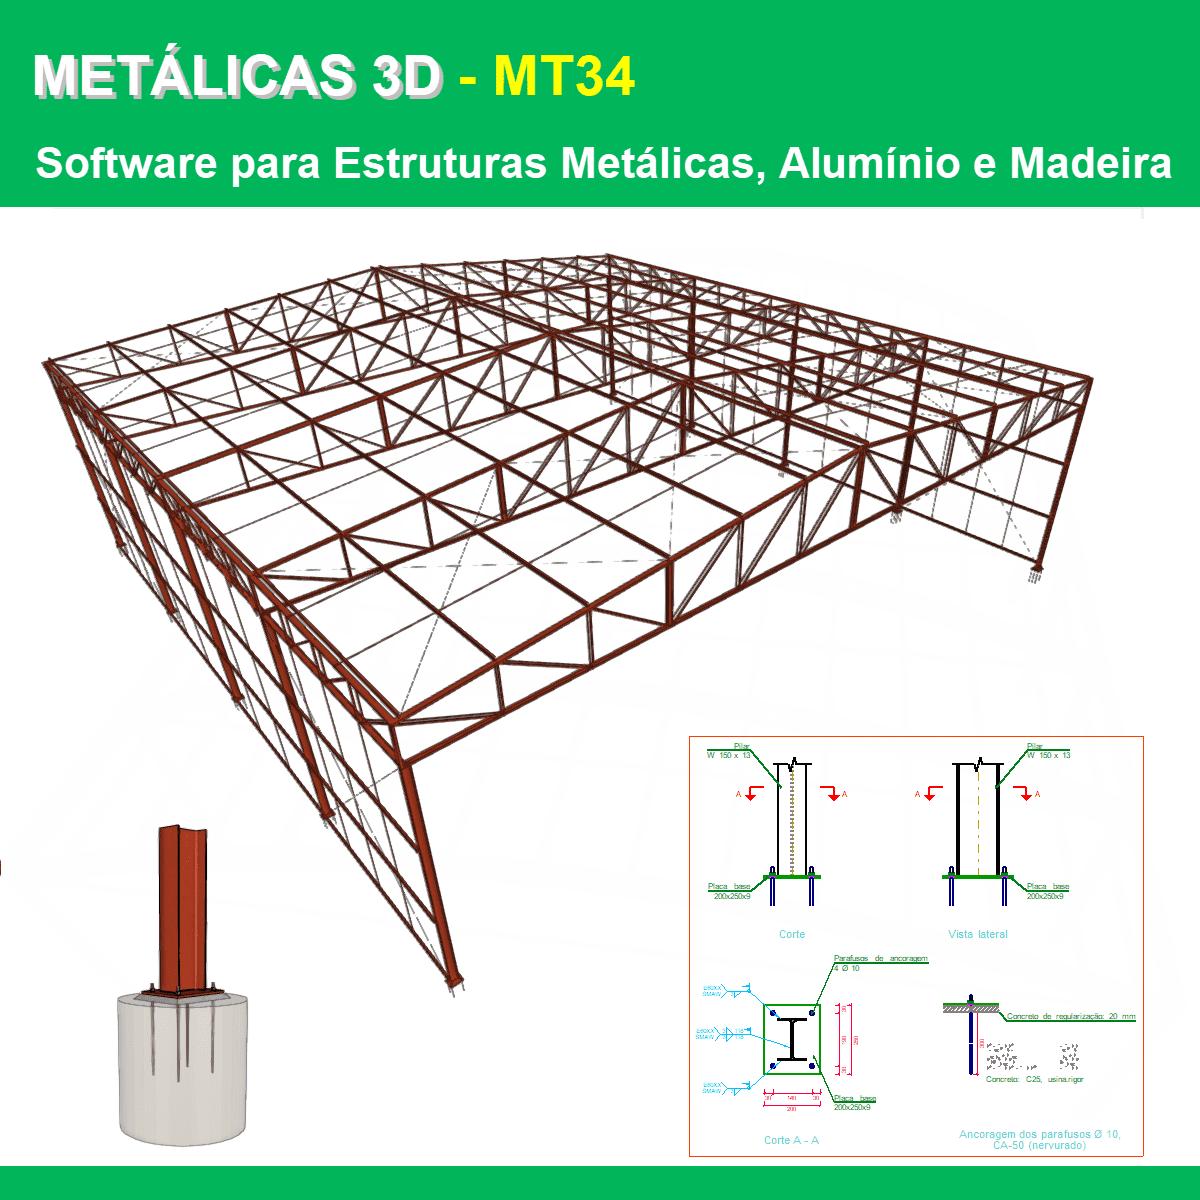 Software Metálicas 3D MT34 versão 2021 (Licença Eletrônica) incluindo Núcleo Básico e Placas de Base  - MULTIPLUS SOFTWARES